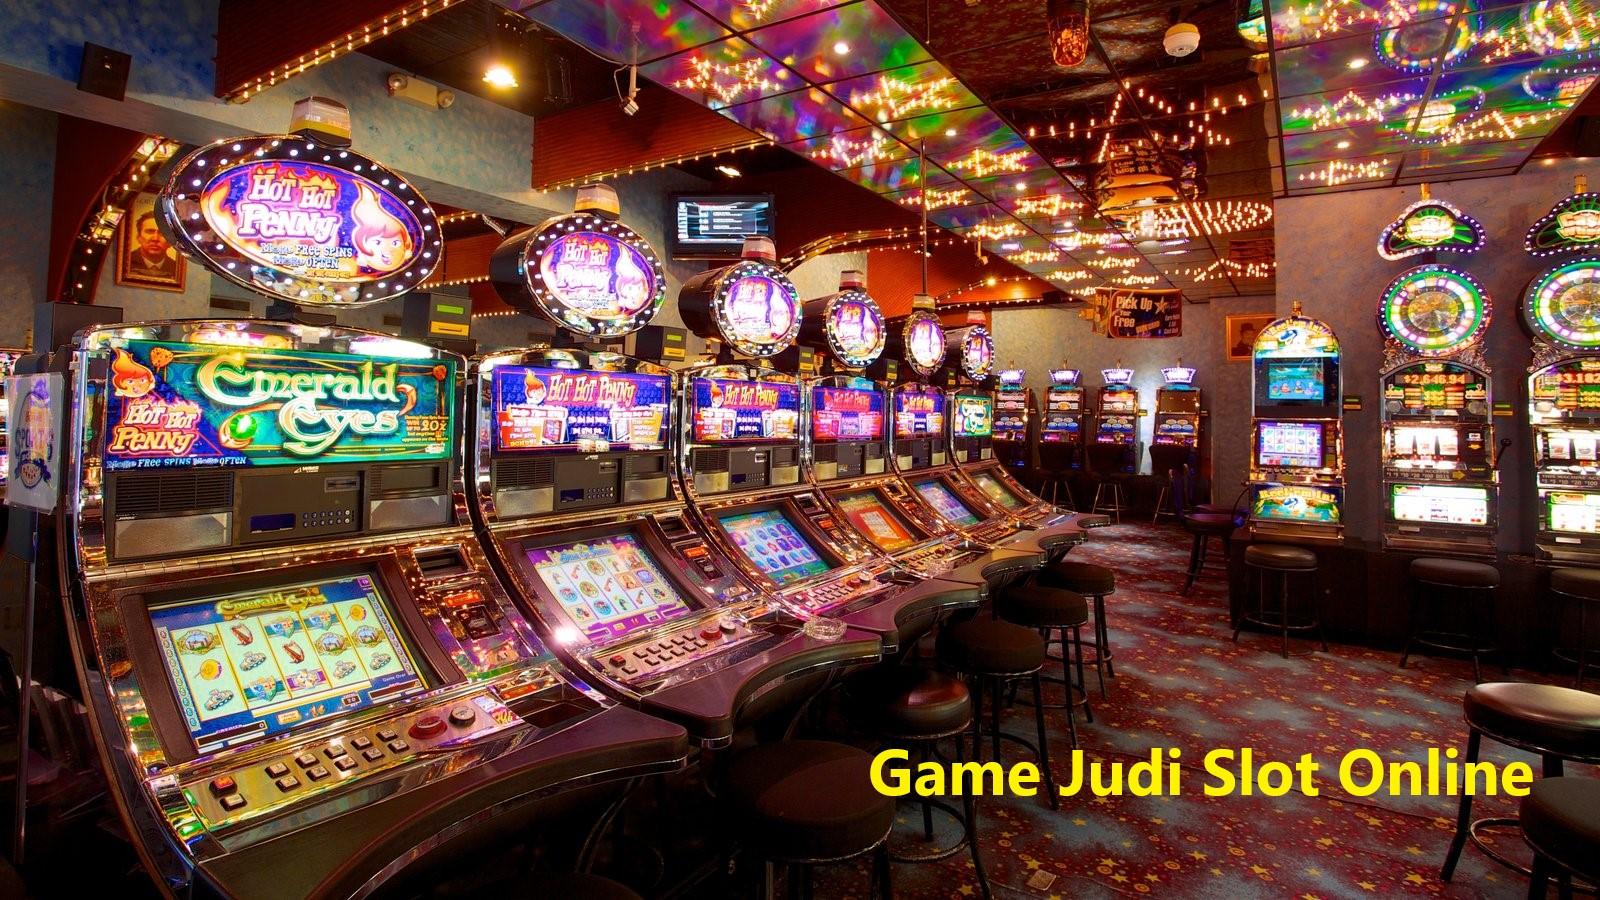 Memainkan Game Judi Slot Mesin Online Dengan Jackpot Besar